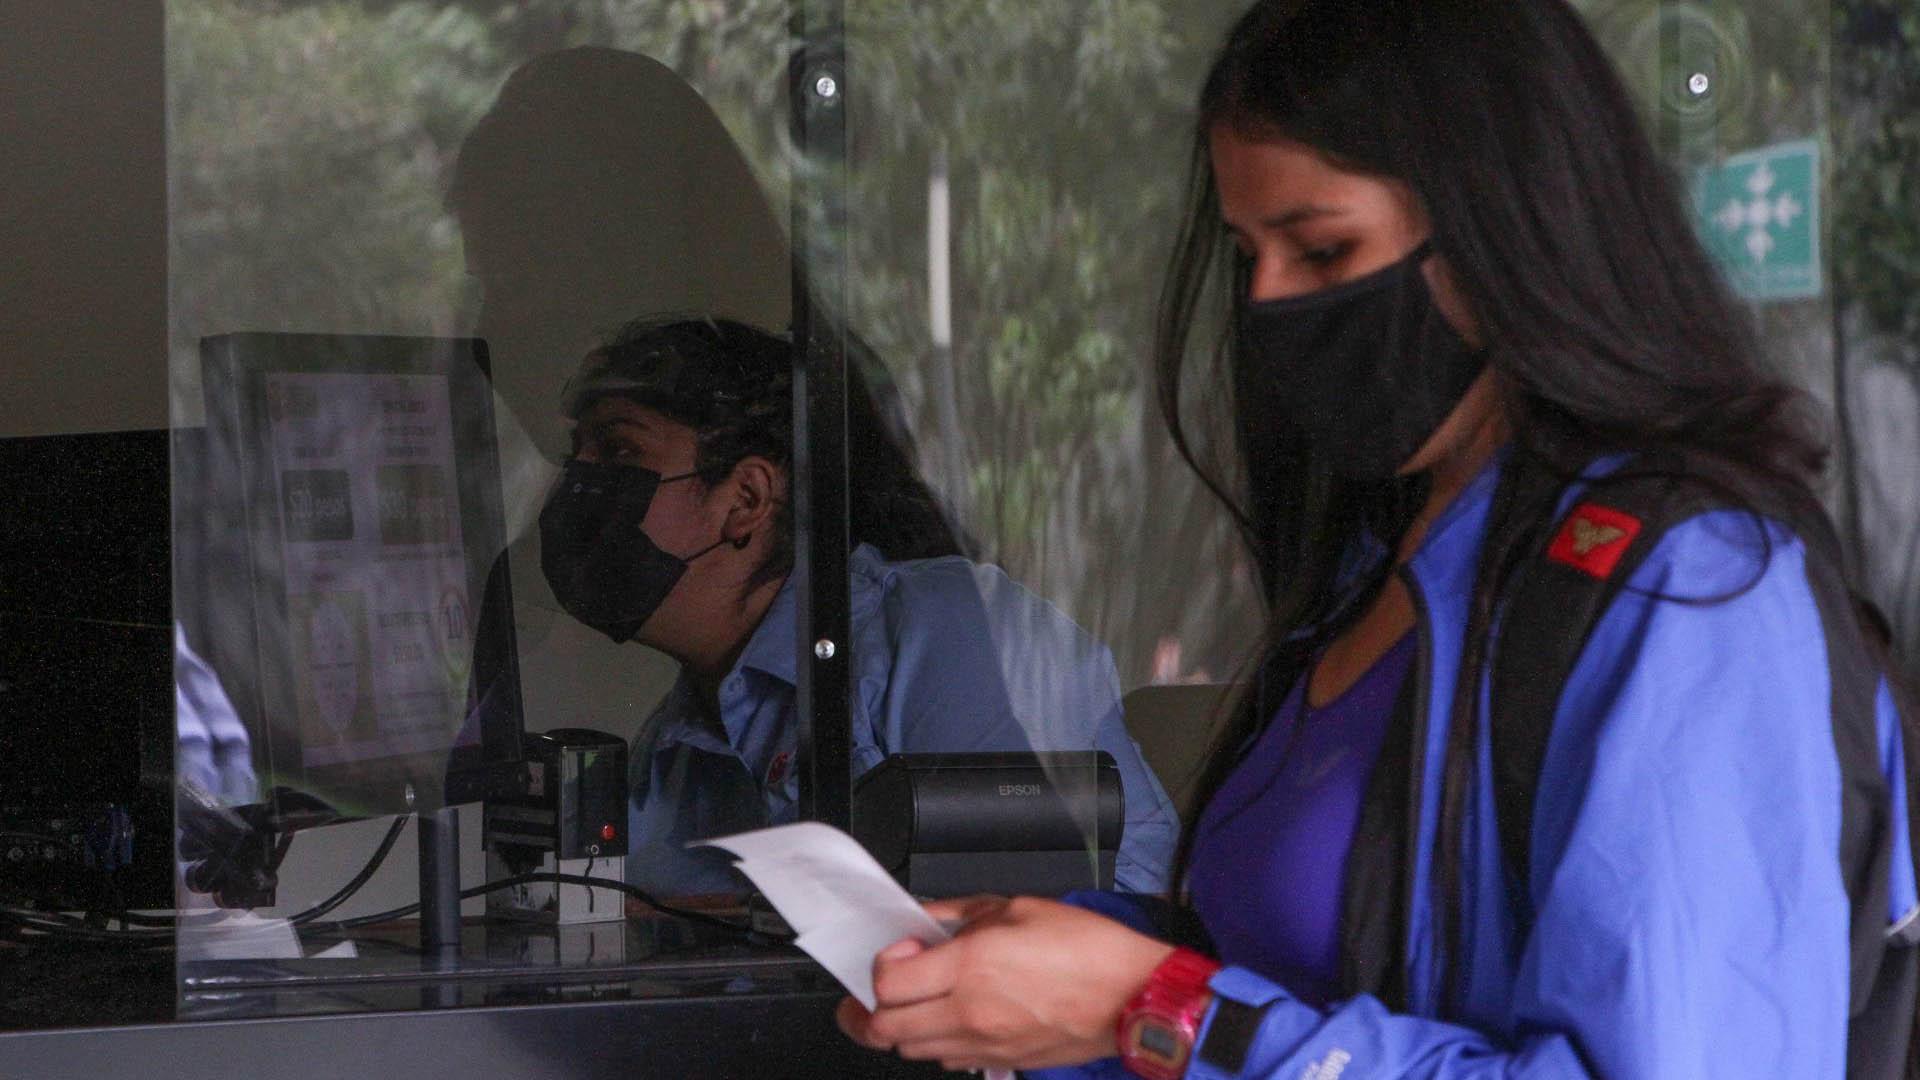 El uso de cubrebocas dentro de las instalaciones de la Cieneteca es obligatorio para todos los asistentes (Foto: Cuartoscuro)